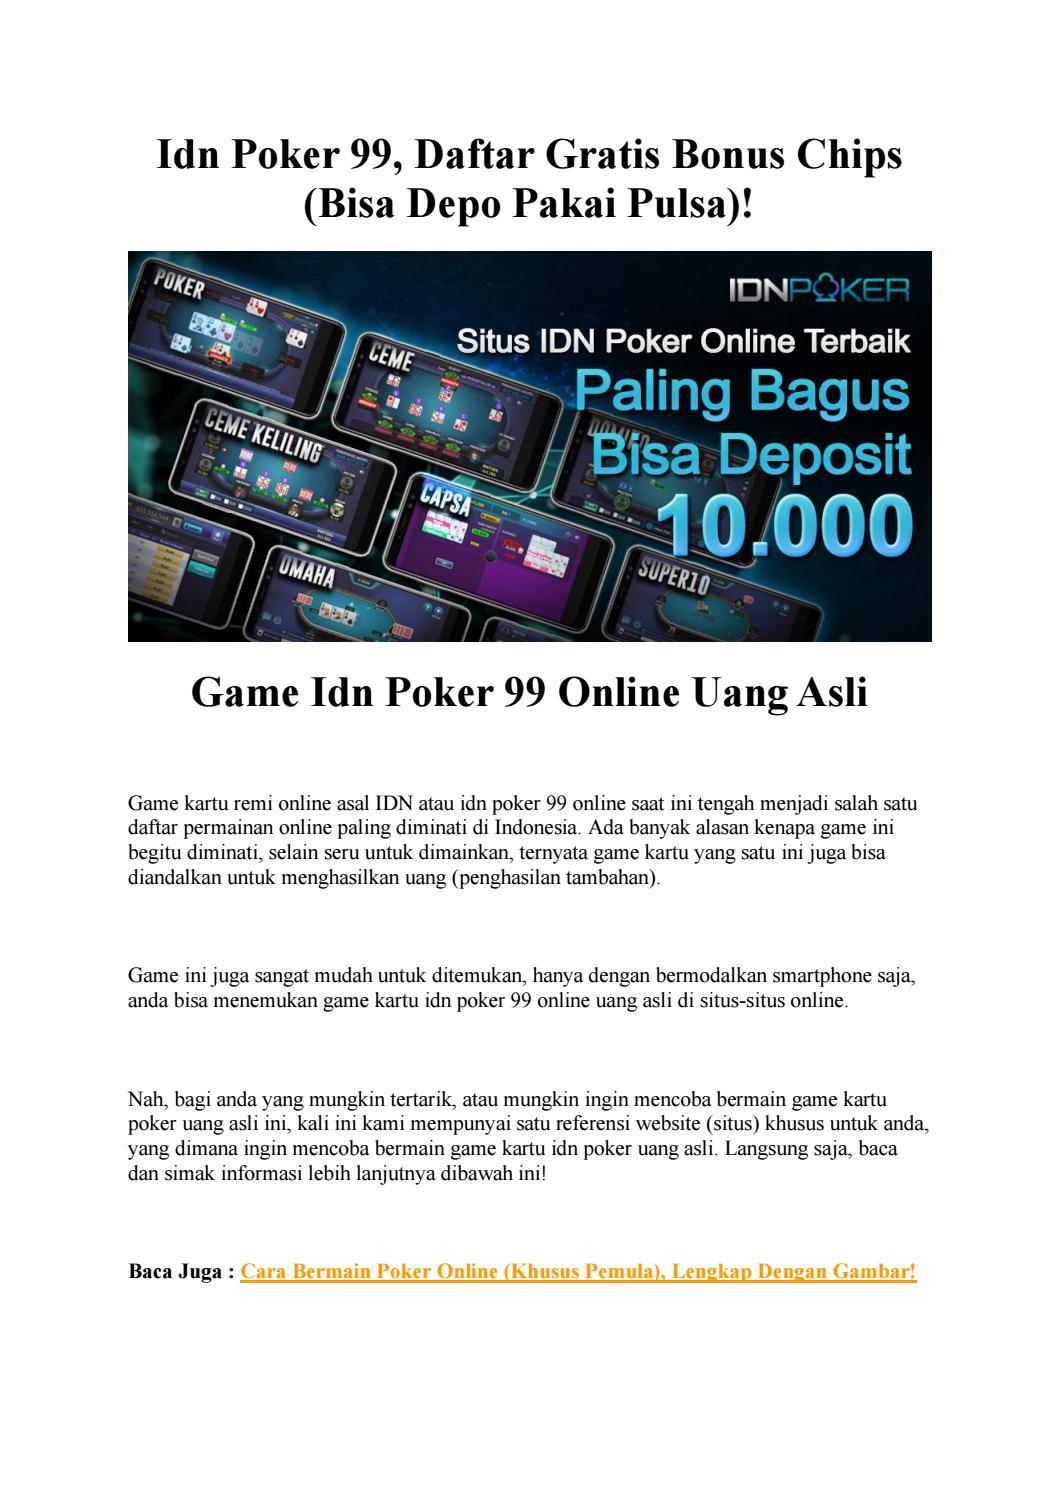 Idn Poker 99 Daftar Gratis Bonus Chips Bisa Depo Pakai Pulsa By Anan Issuu